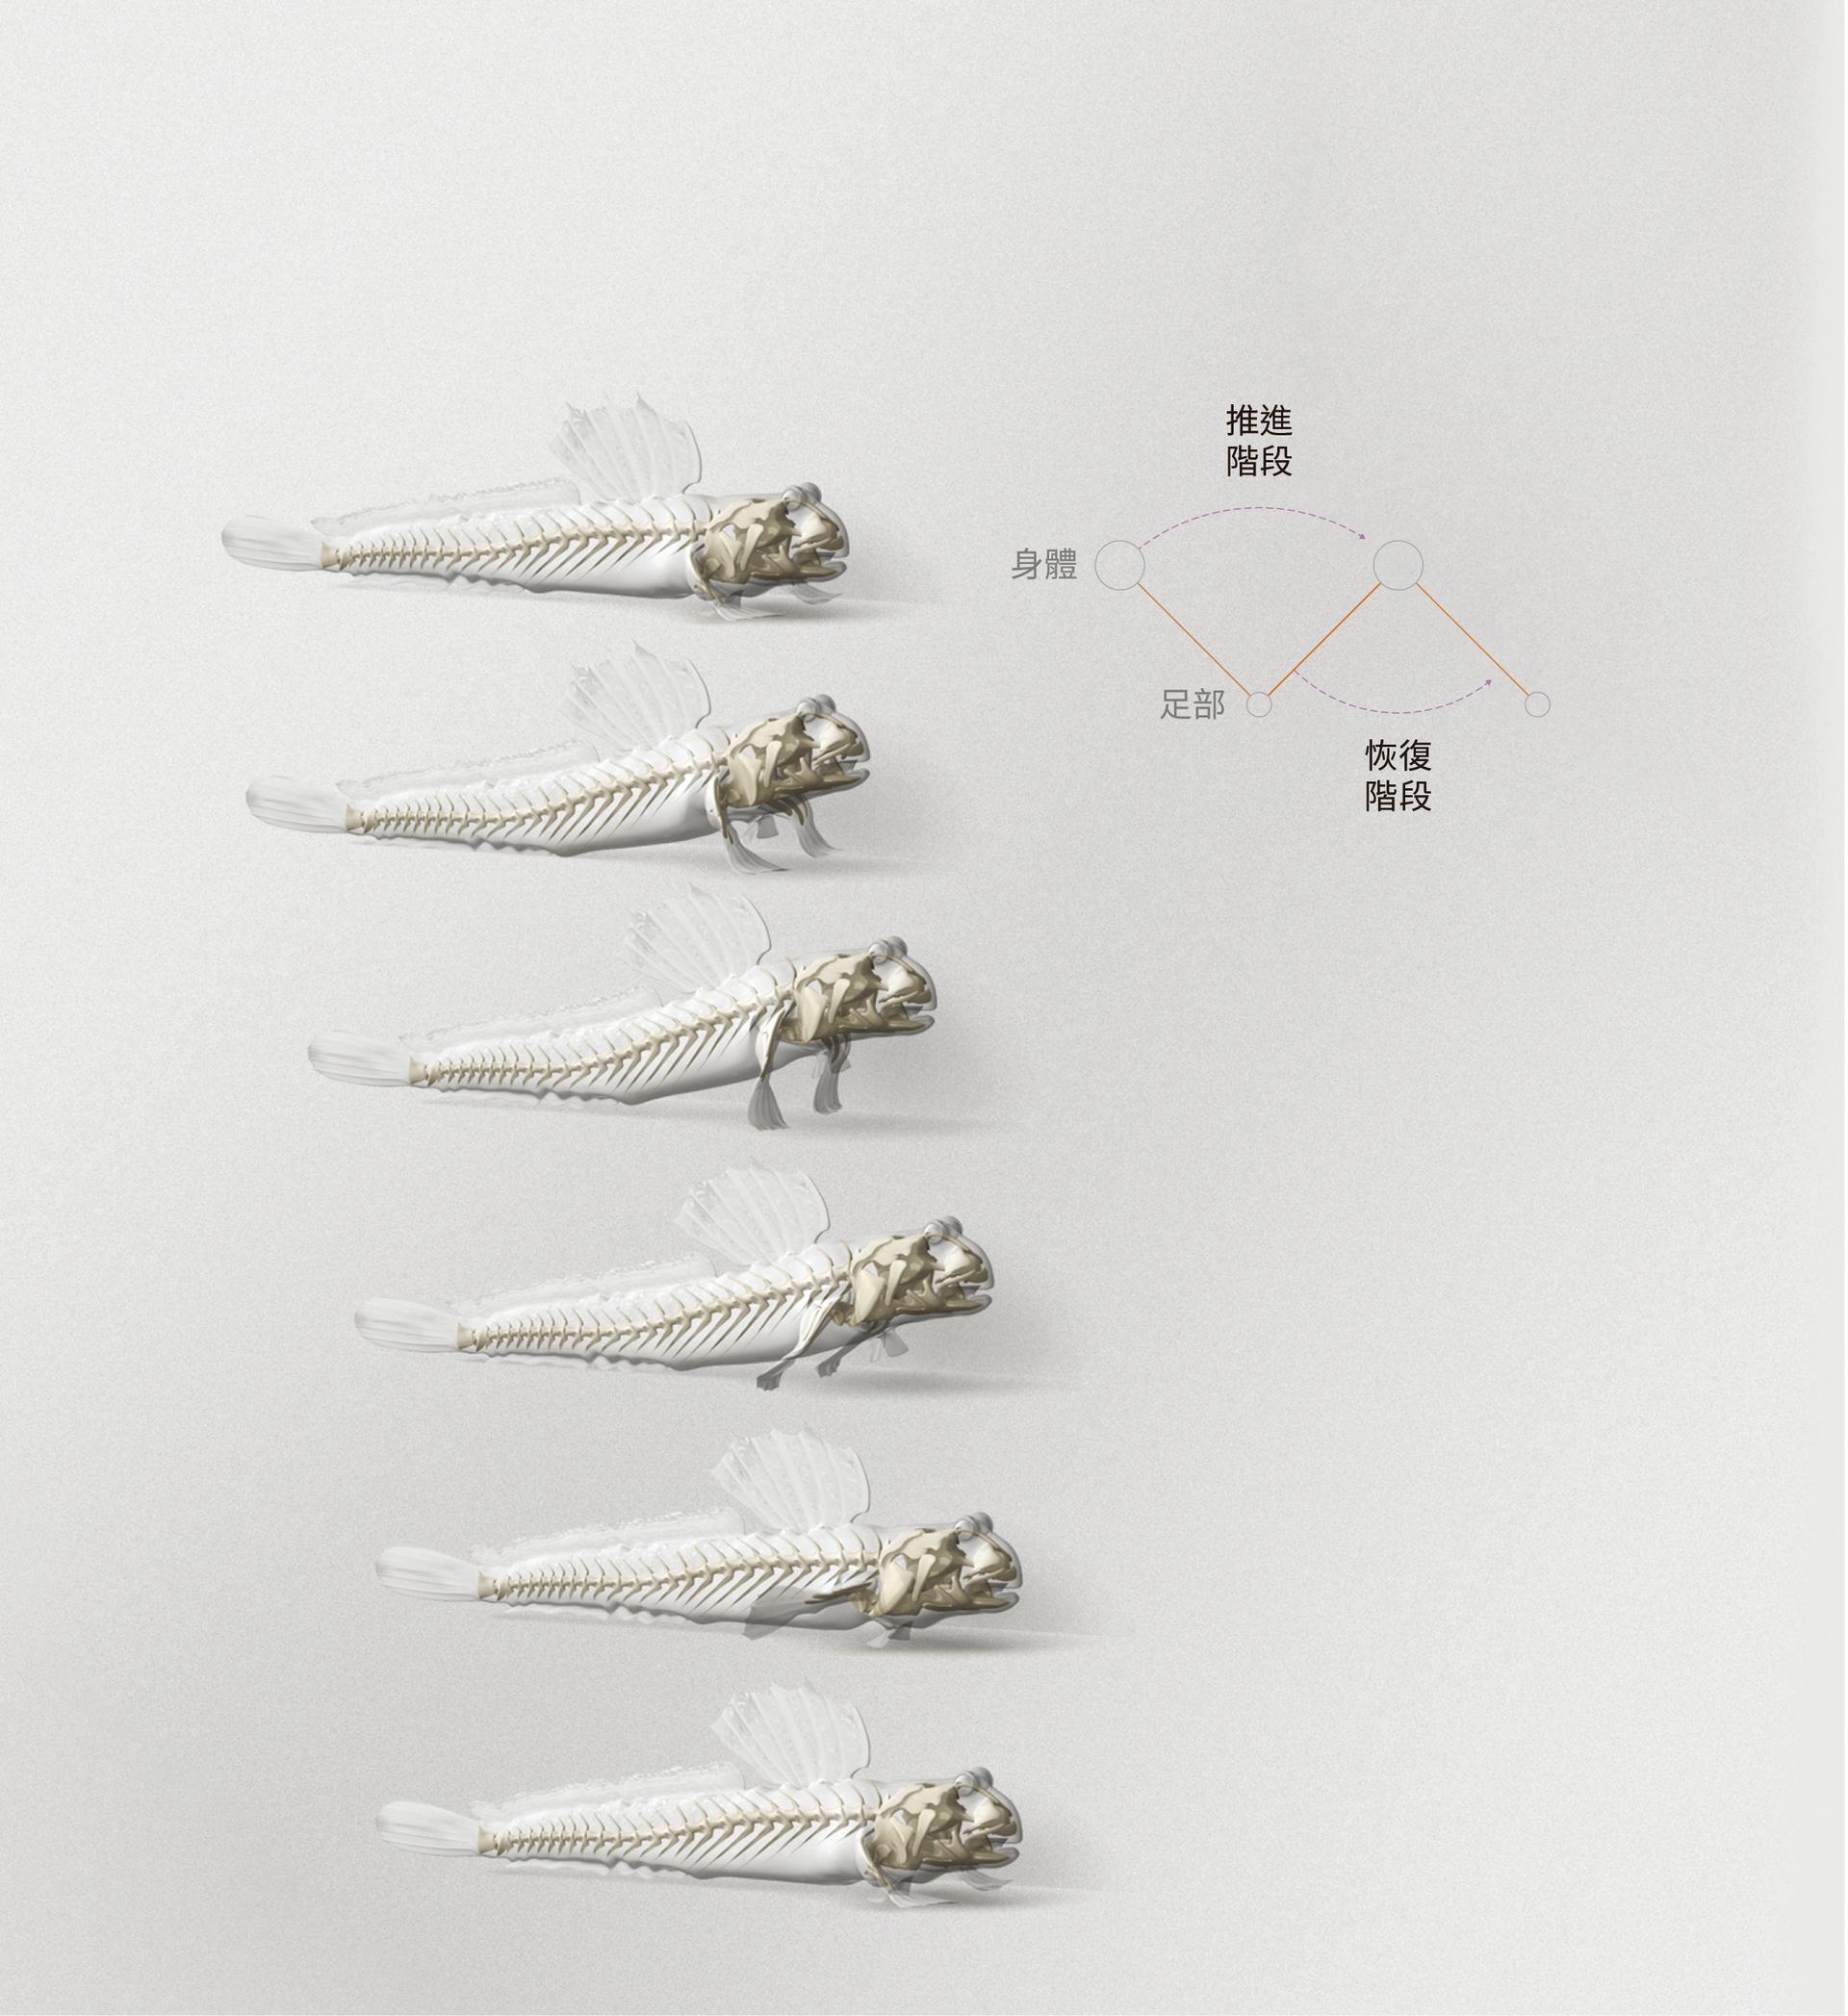 細彈塗魚(Periophthalmus gracilis) 這種彈塗魚不像牠的名字那麼優雅(編按:原文直譯為優美彈塗魚),牠會利用胸鰭在陸地上扭擺前行,以這種類似於撐拐杖的方式移動。 (BRYAN CHRISTIE DESIGN)